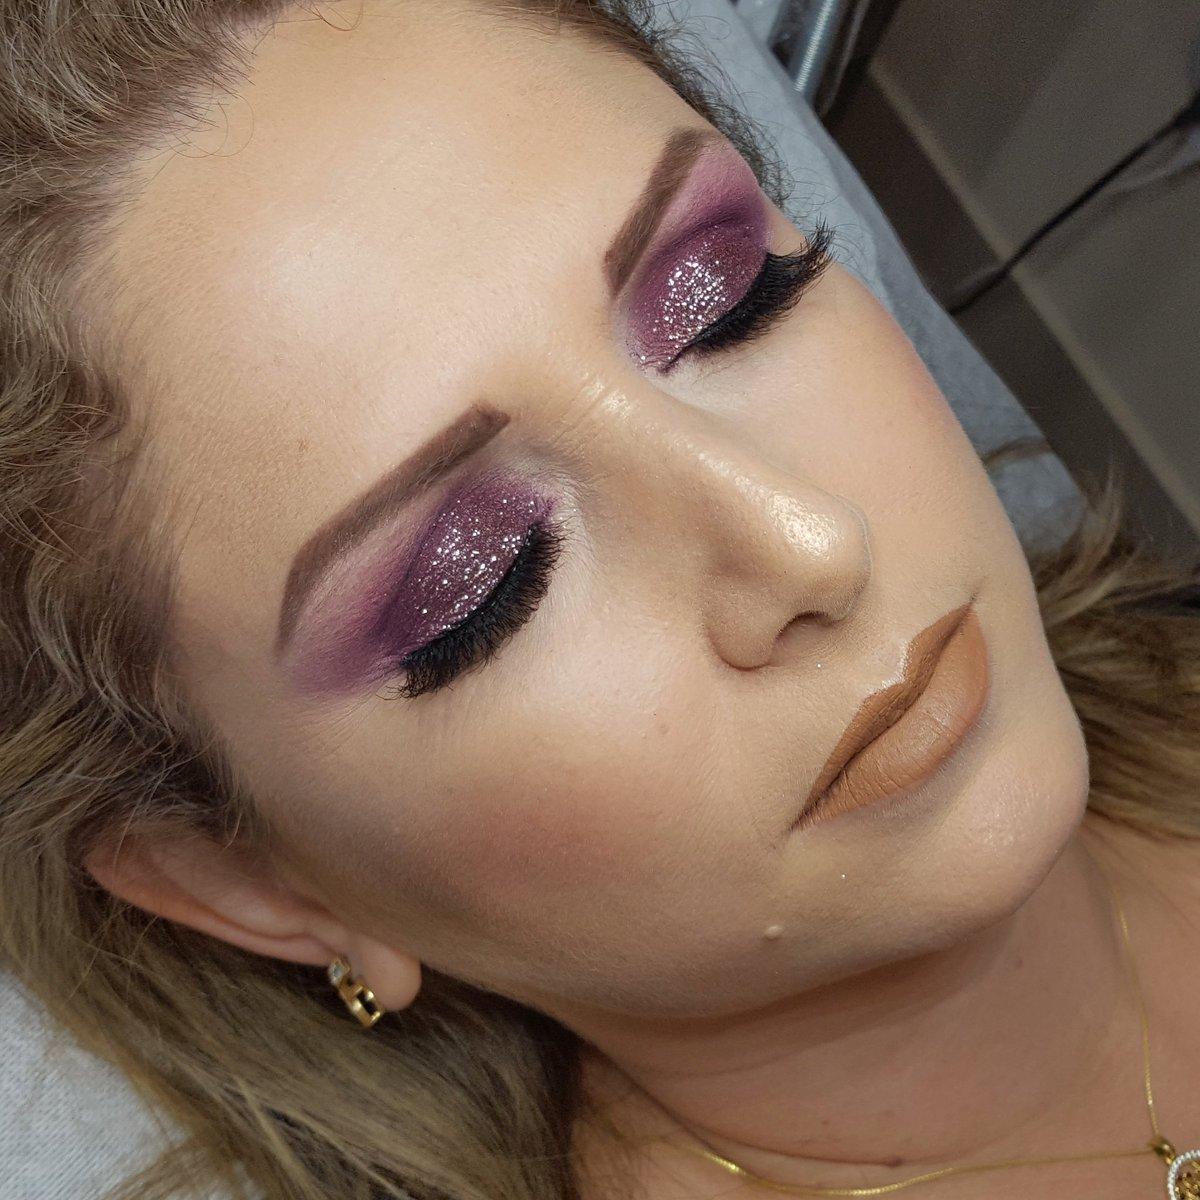 Maquiagem feita pela aluna Valeria no CURSO DE MAQUIAGEM SOCIAL PRO - COMPLETO. #maquiagem #londrina #cursoemlondrina #cursodemaquiagem #makeup #glitter